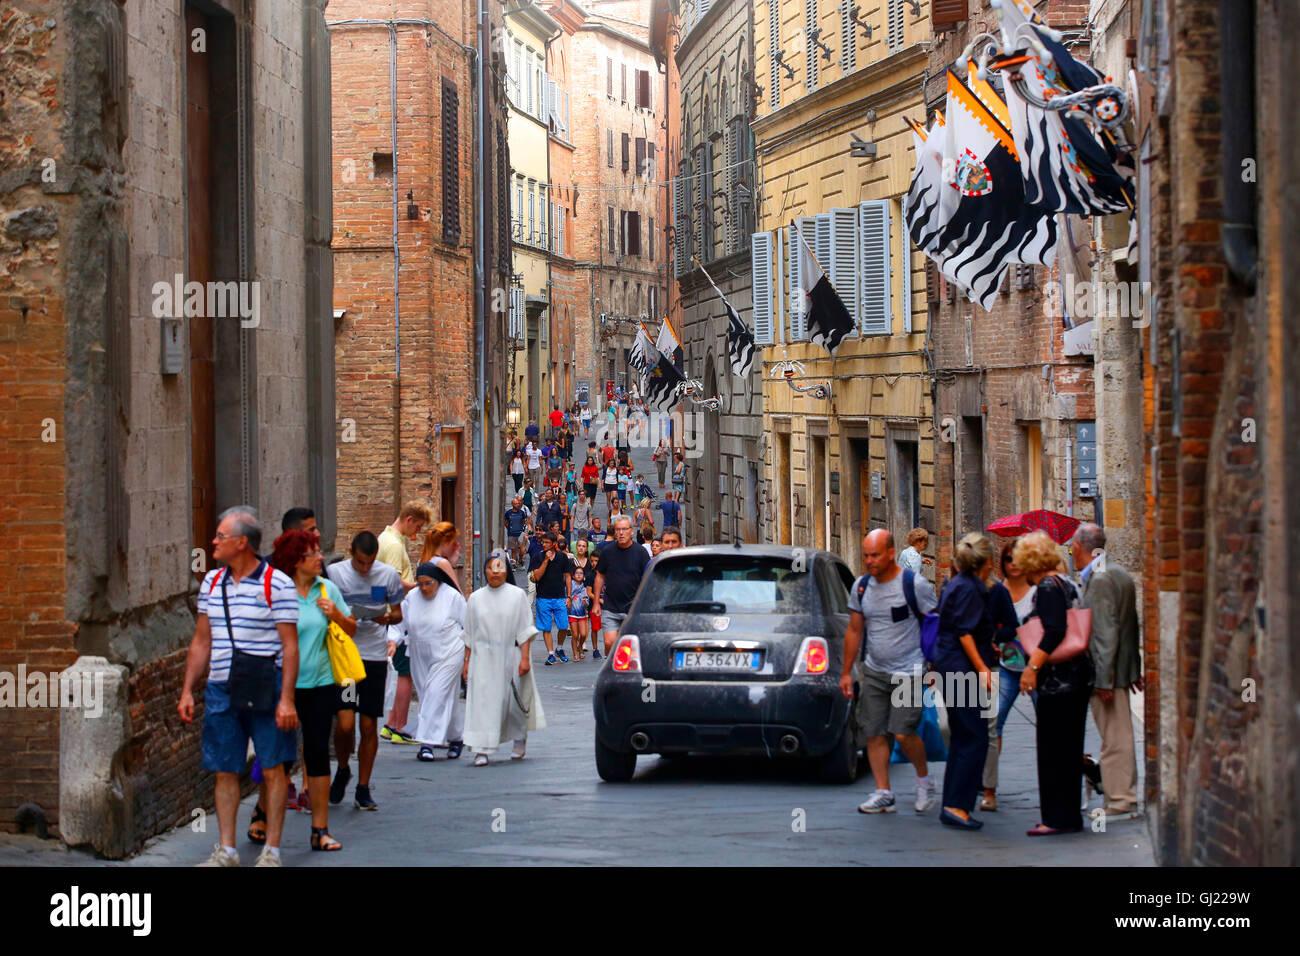 Une Fiat 500 fait son chemin passé les piétons le long de Via Montanini, à Sienne, en Italie. Photo Stock